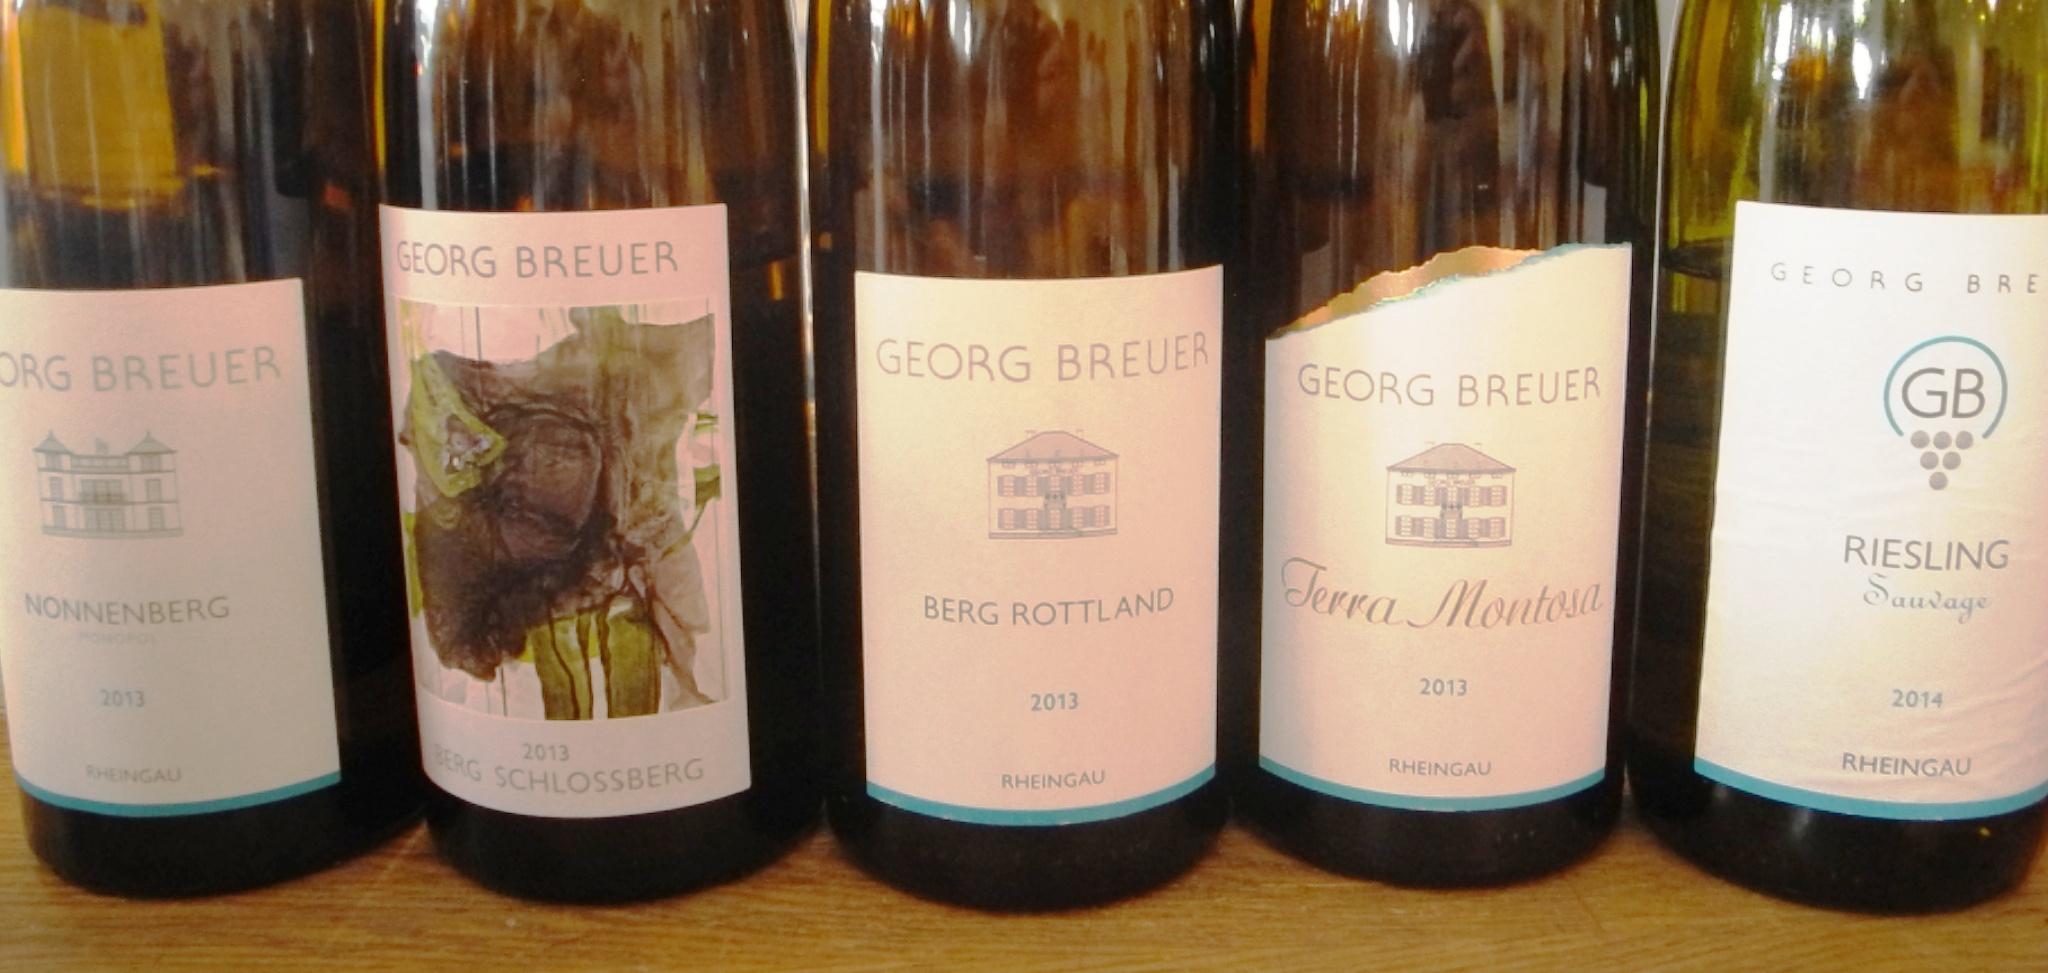 vin-från-georg-breuer